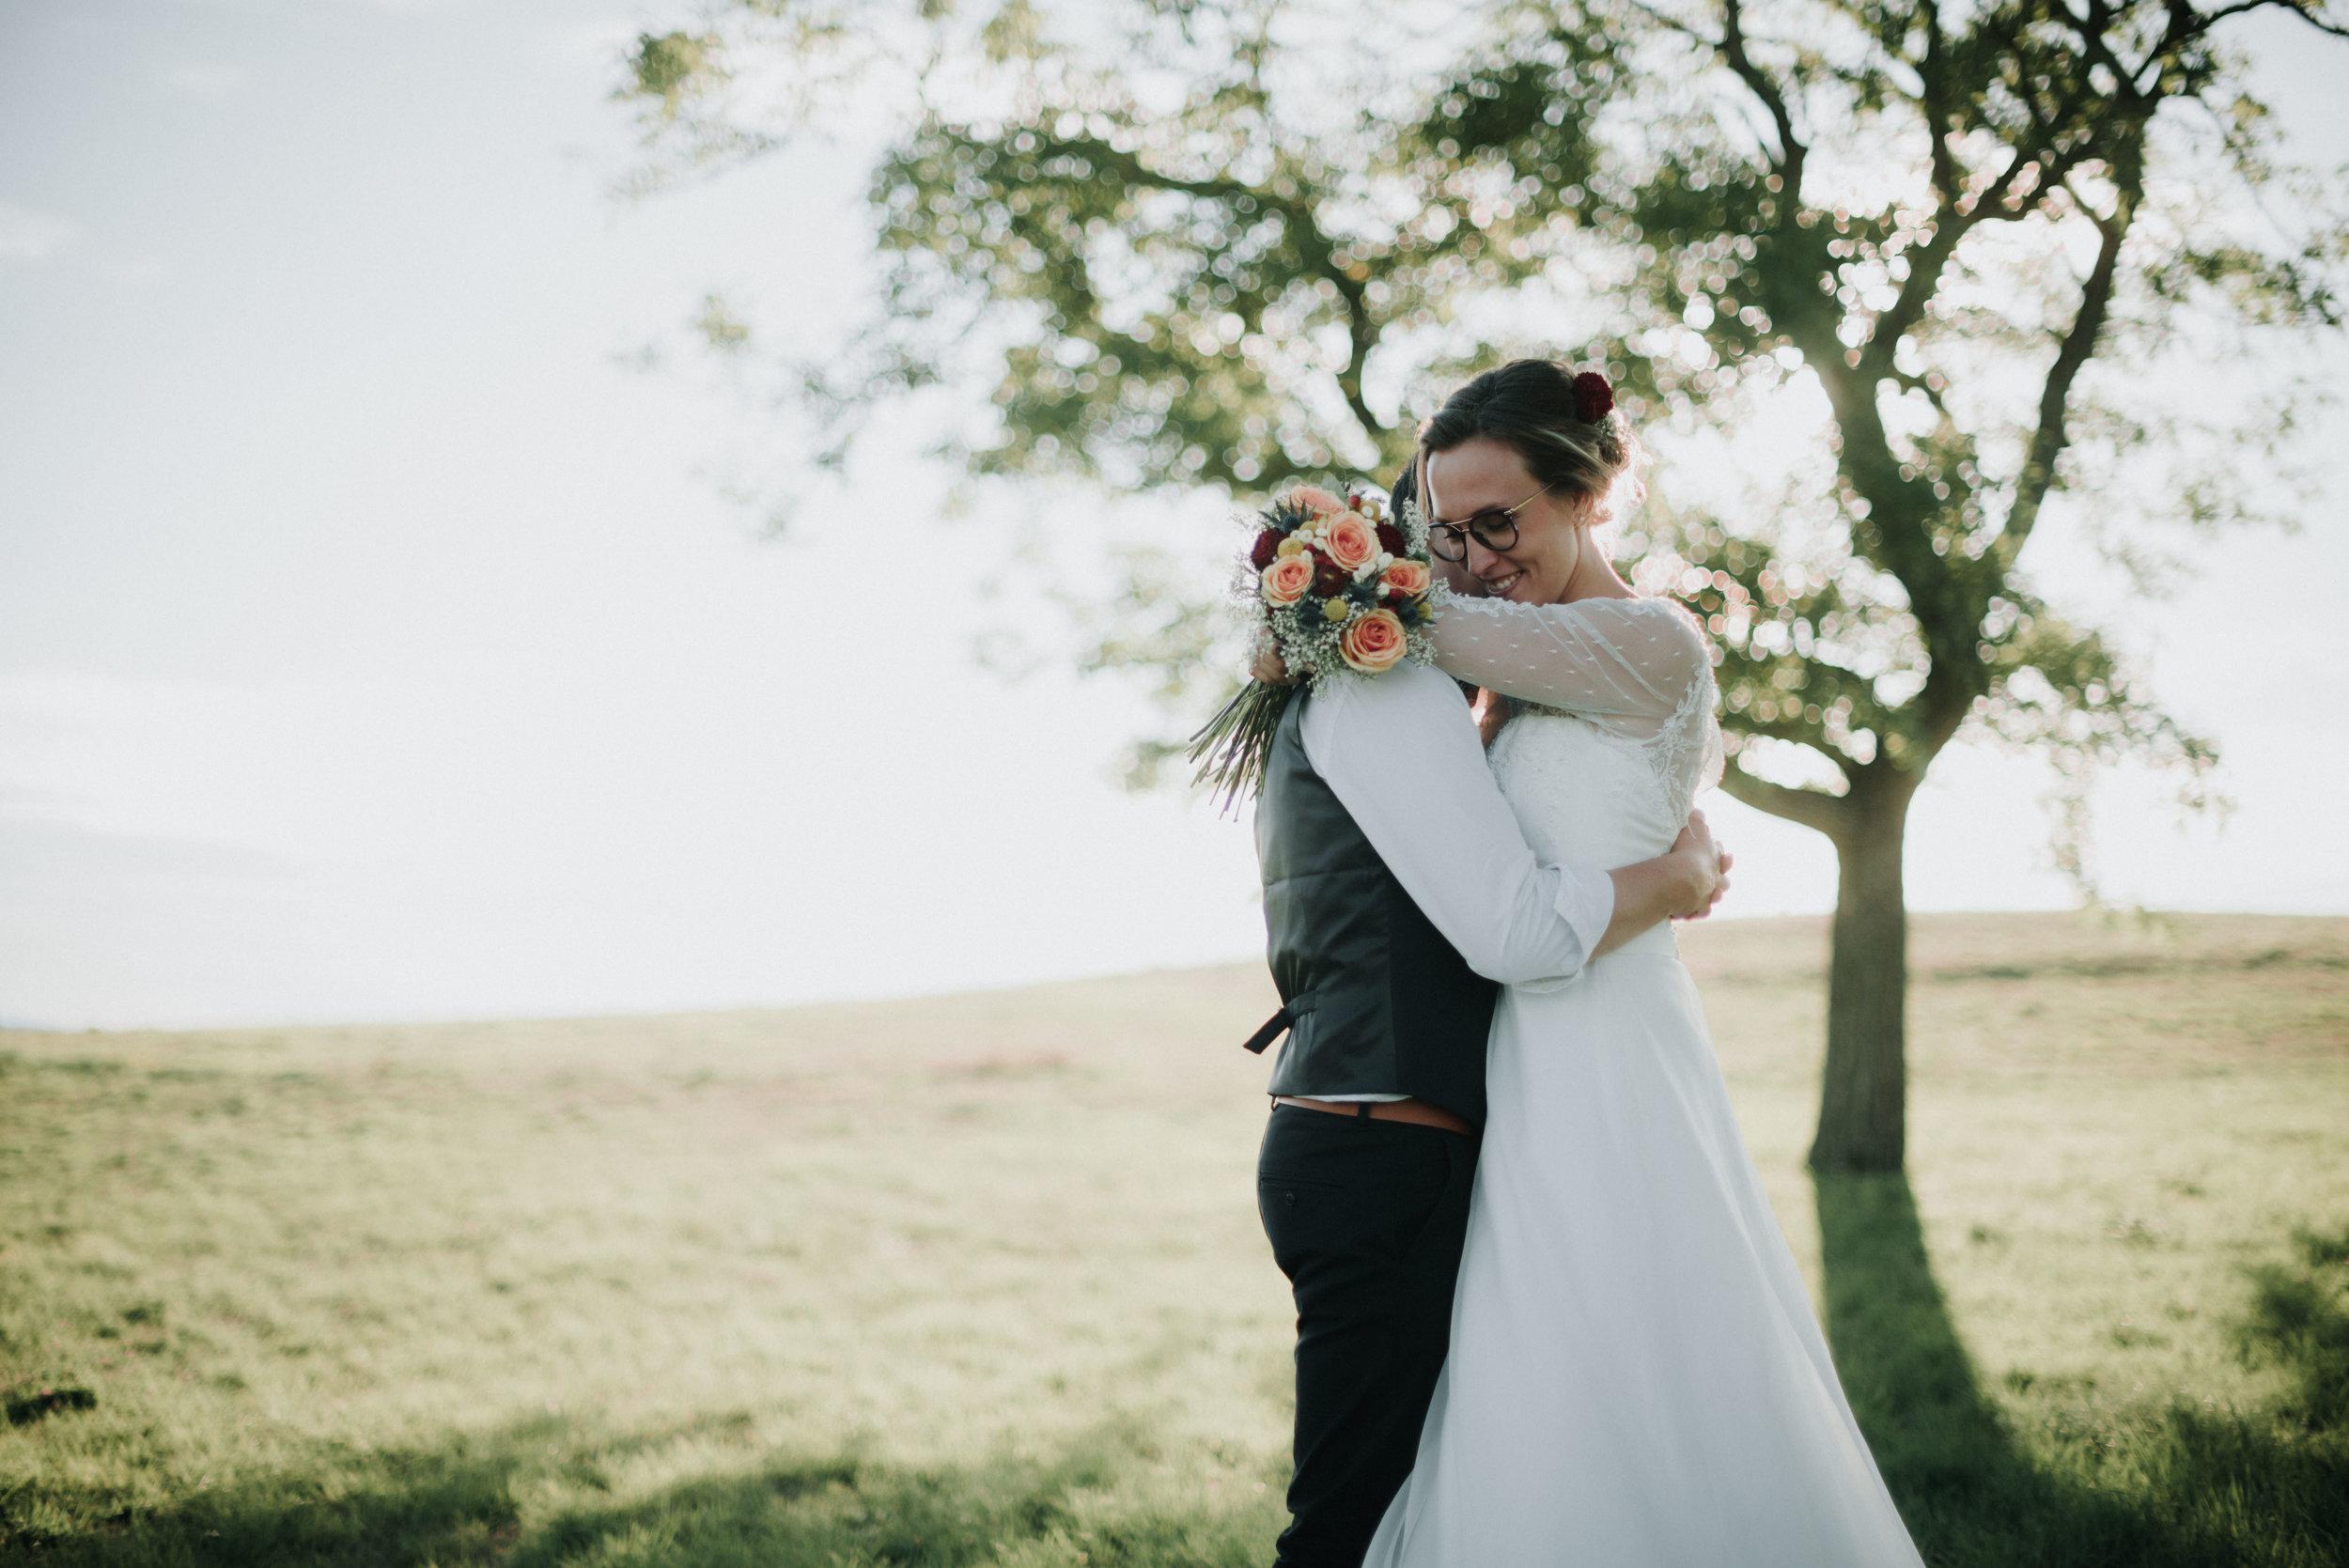 Léa-Fery-photographe-professionnel-lyon-rhone-alpes-portrait-creation-mariage-evenement-evenementiel-famille-8243.jpg